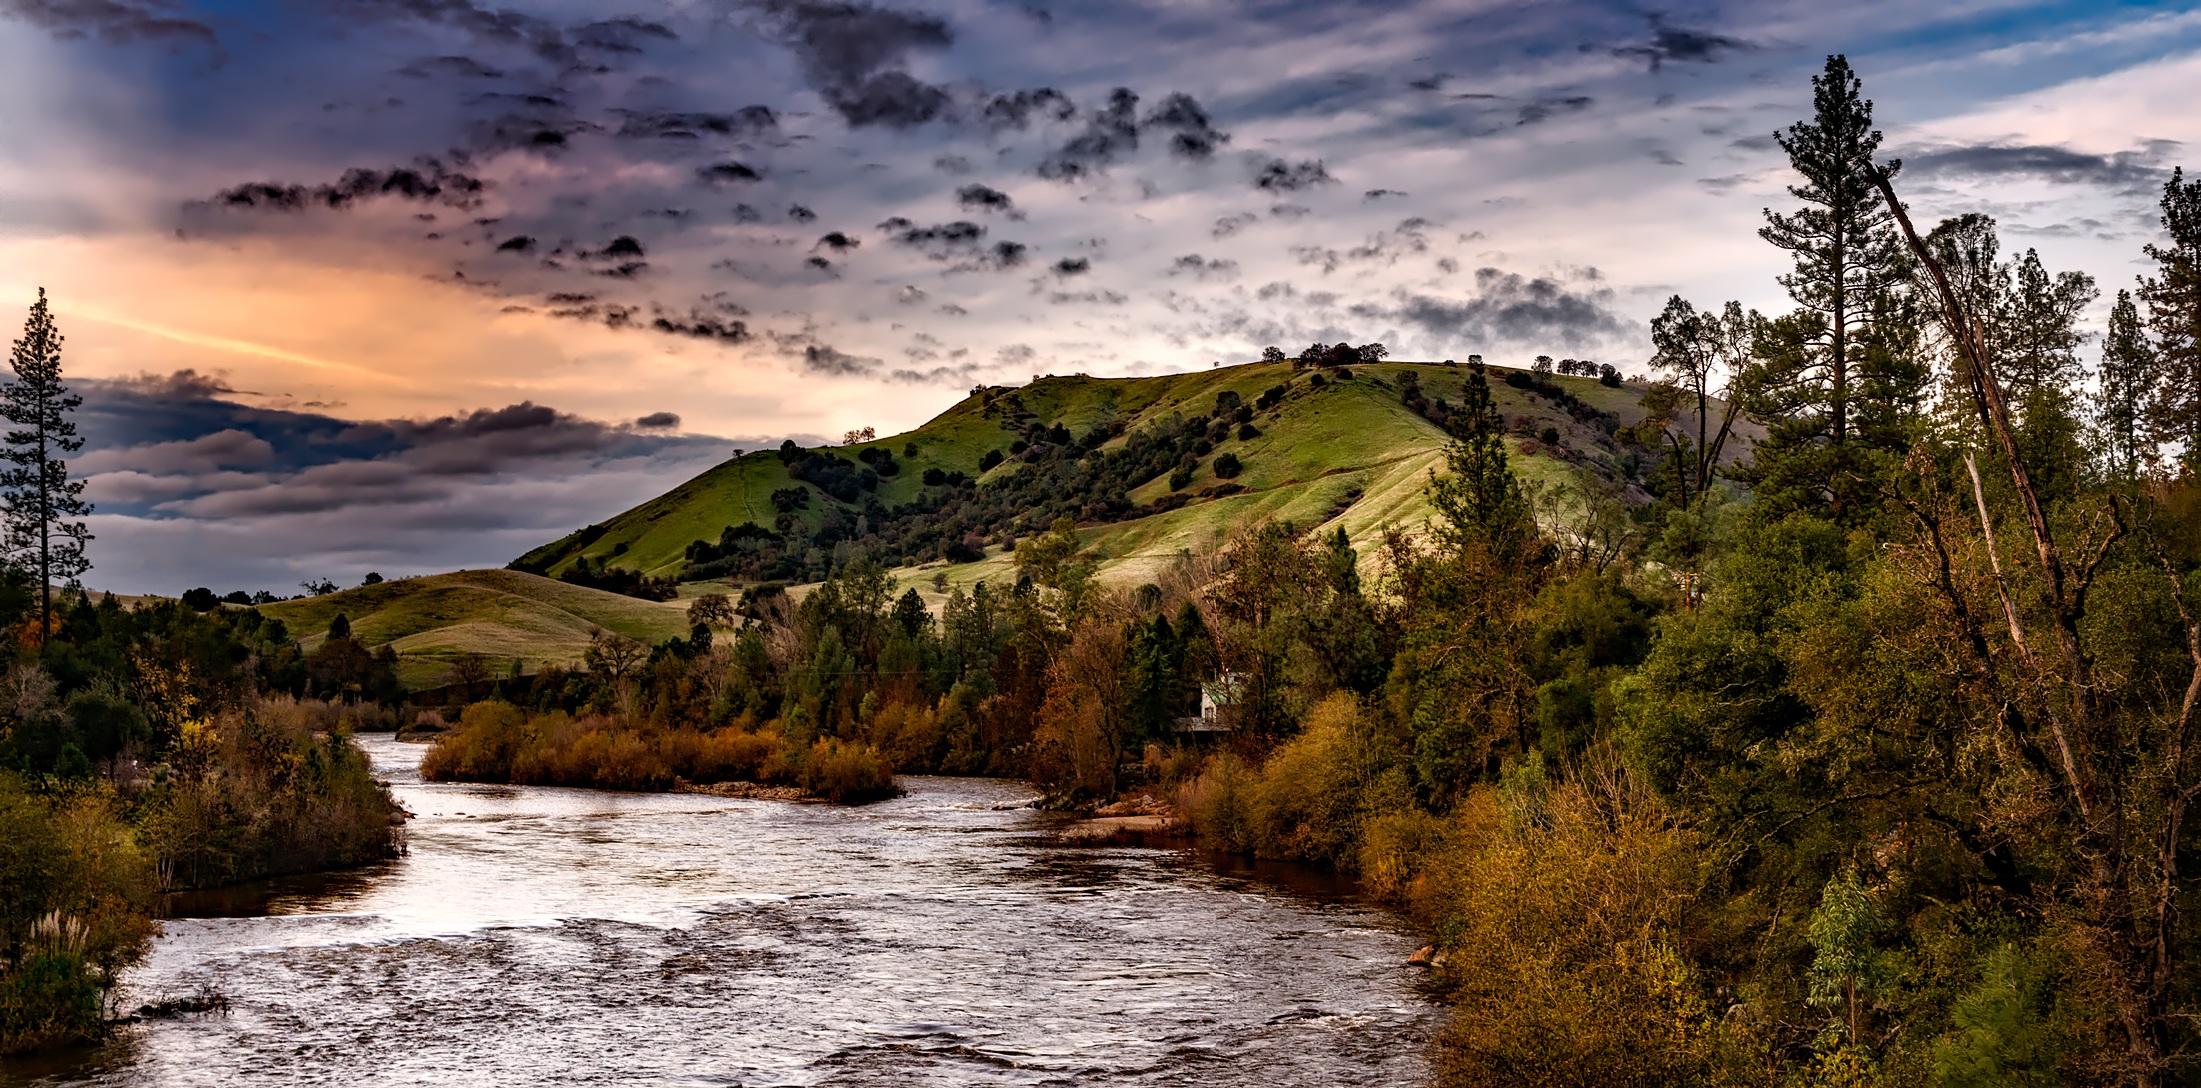 Ruta fluvial.